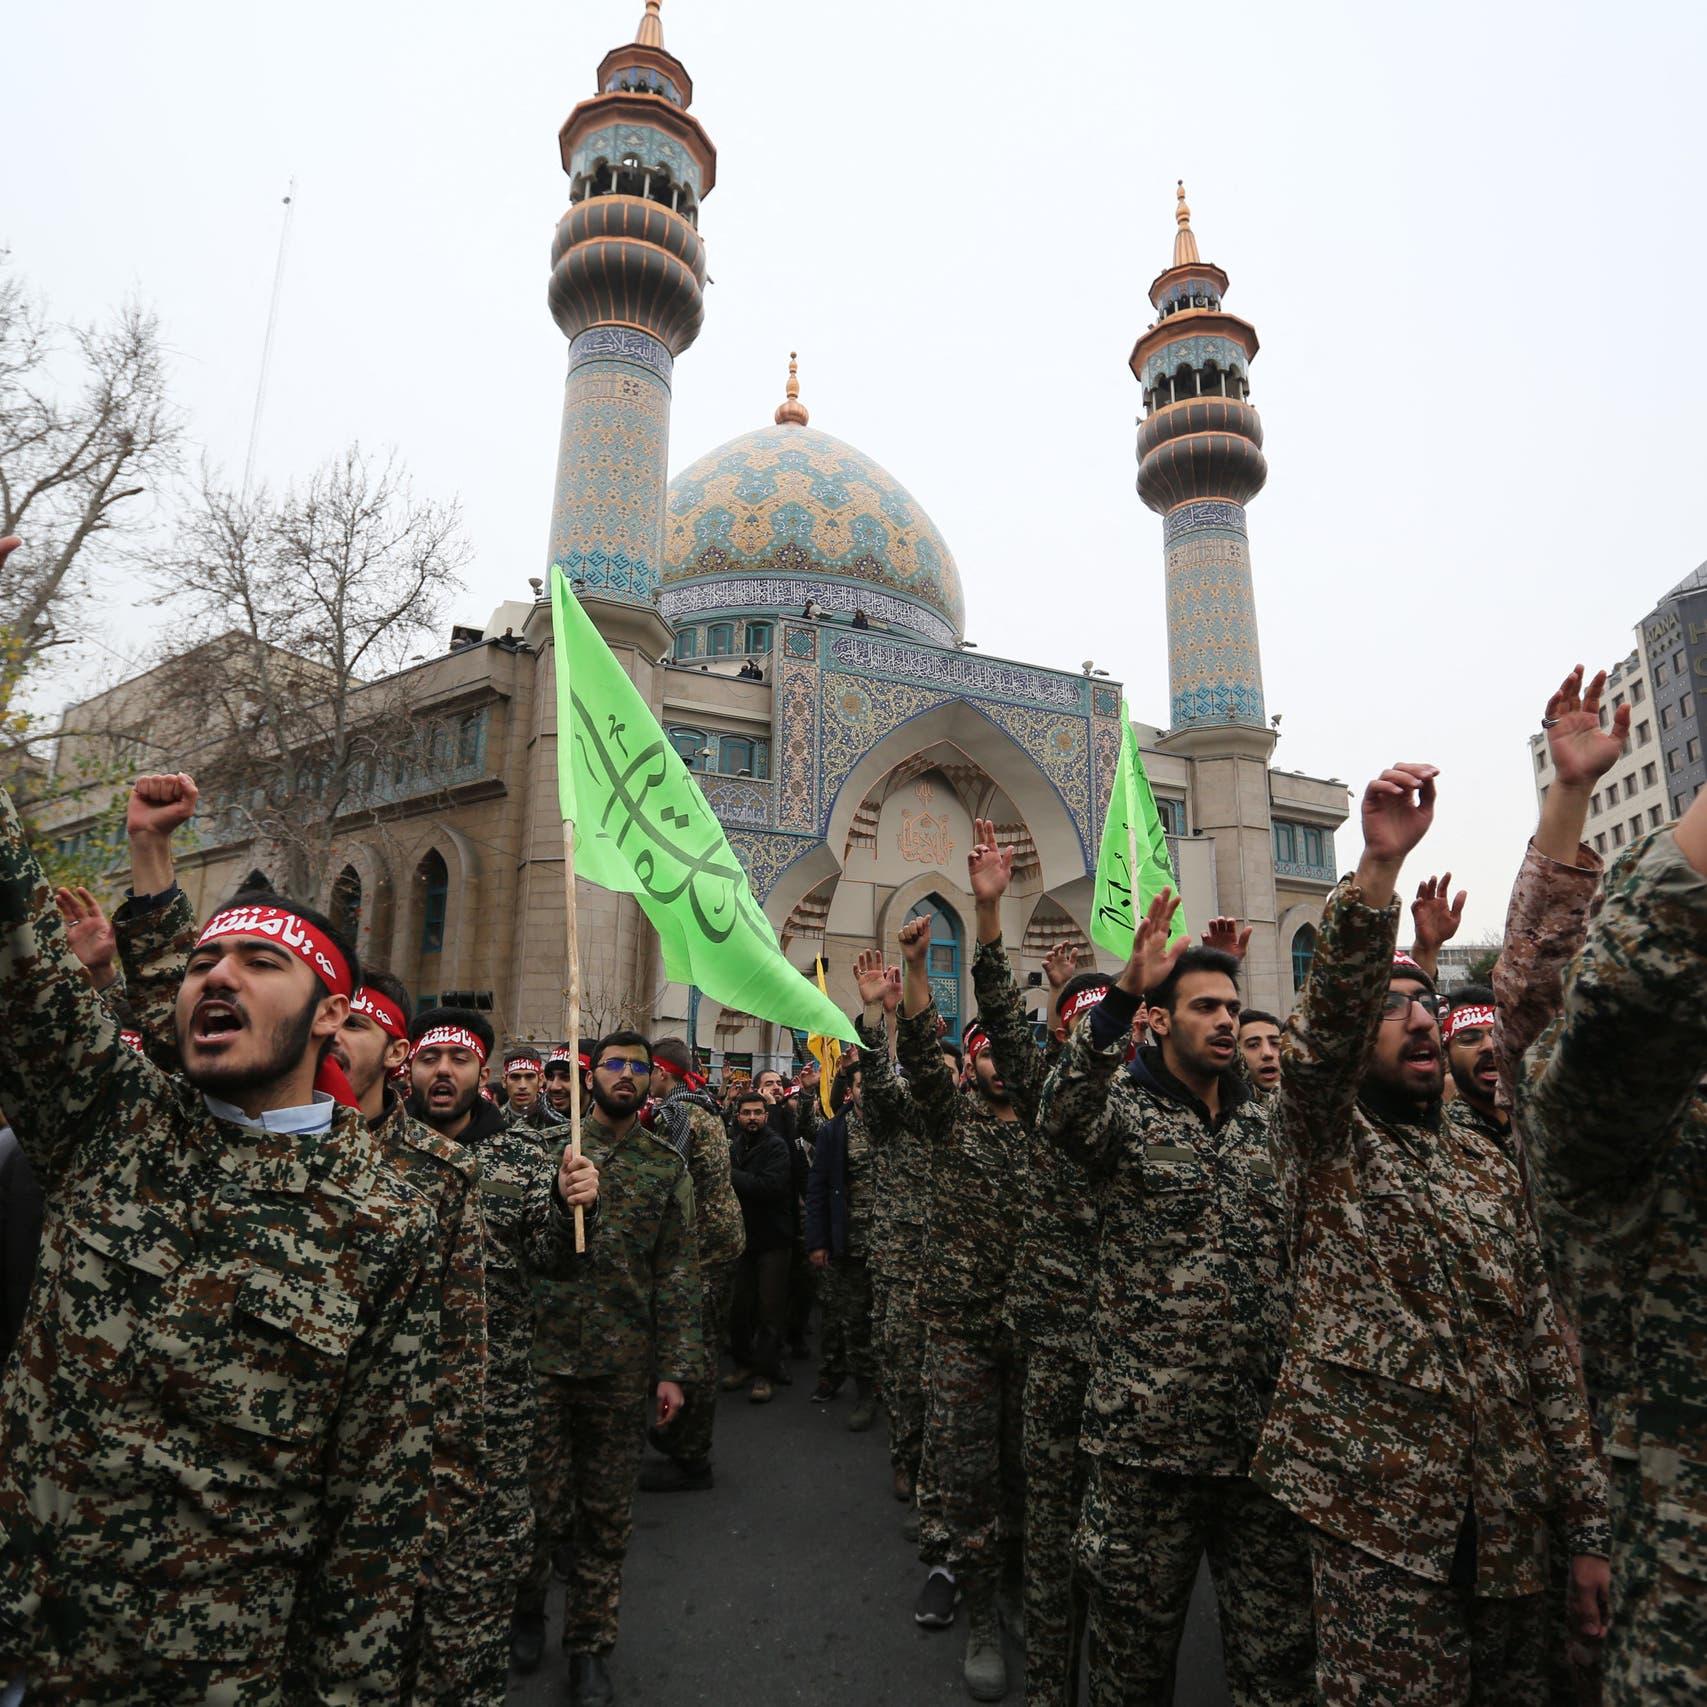 مقتل اثنين من الحرس الثوري في اشتباك بمنطقة كردية بإيران